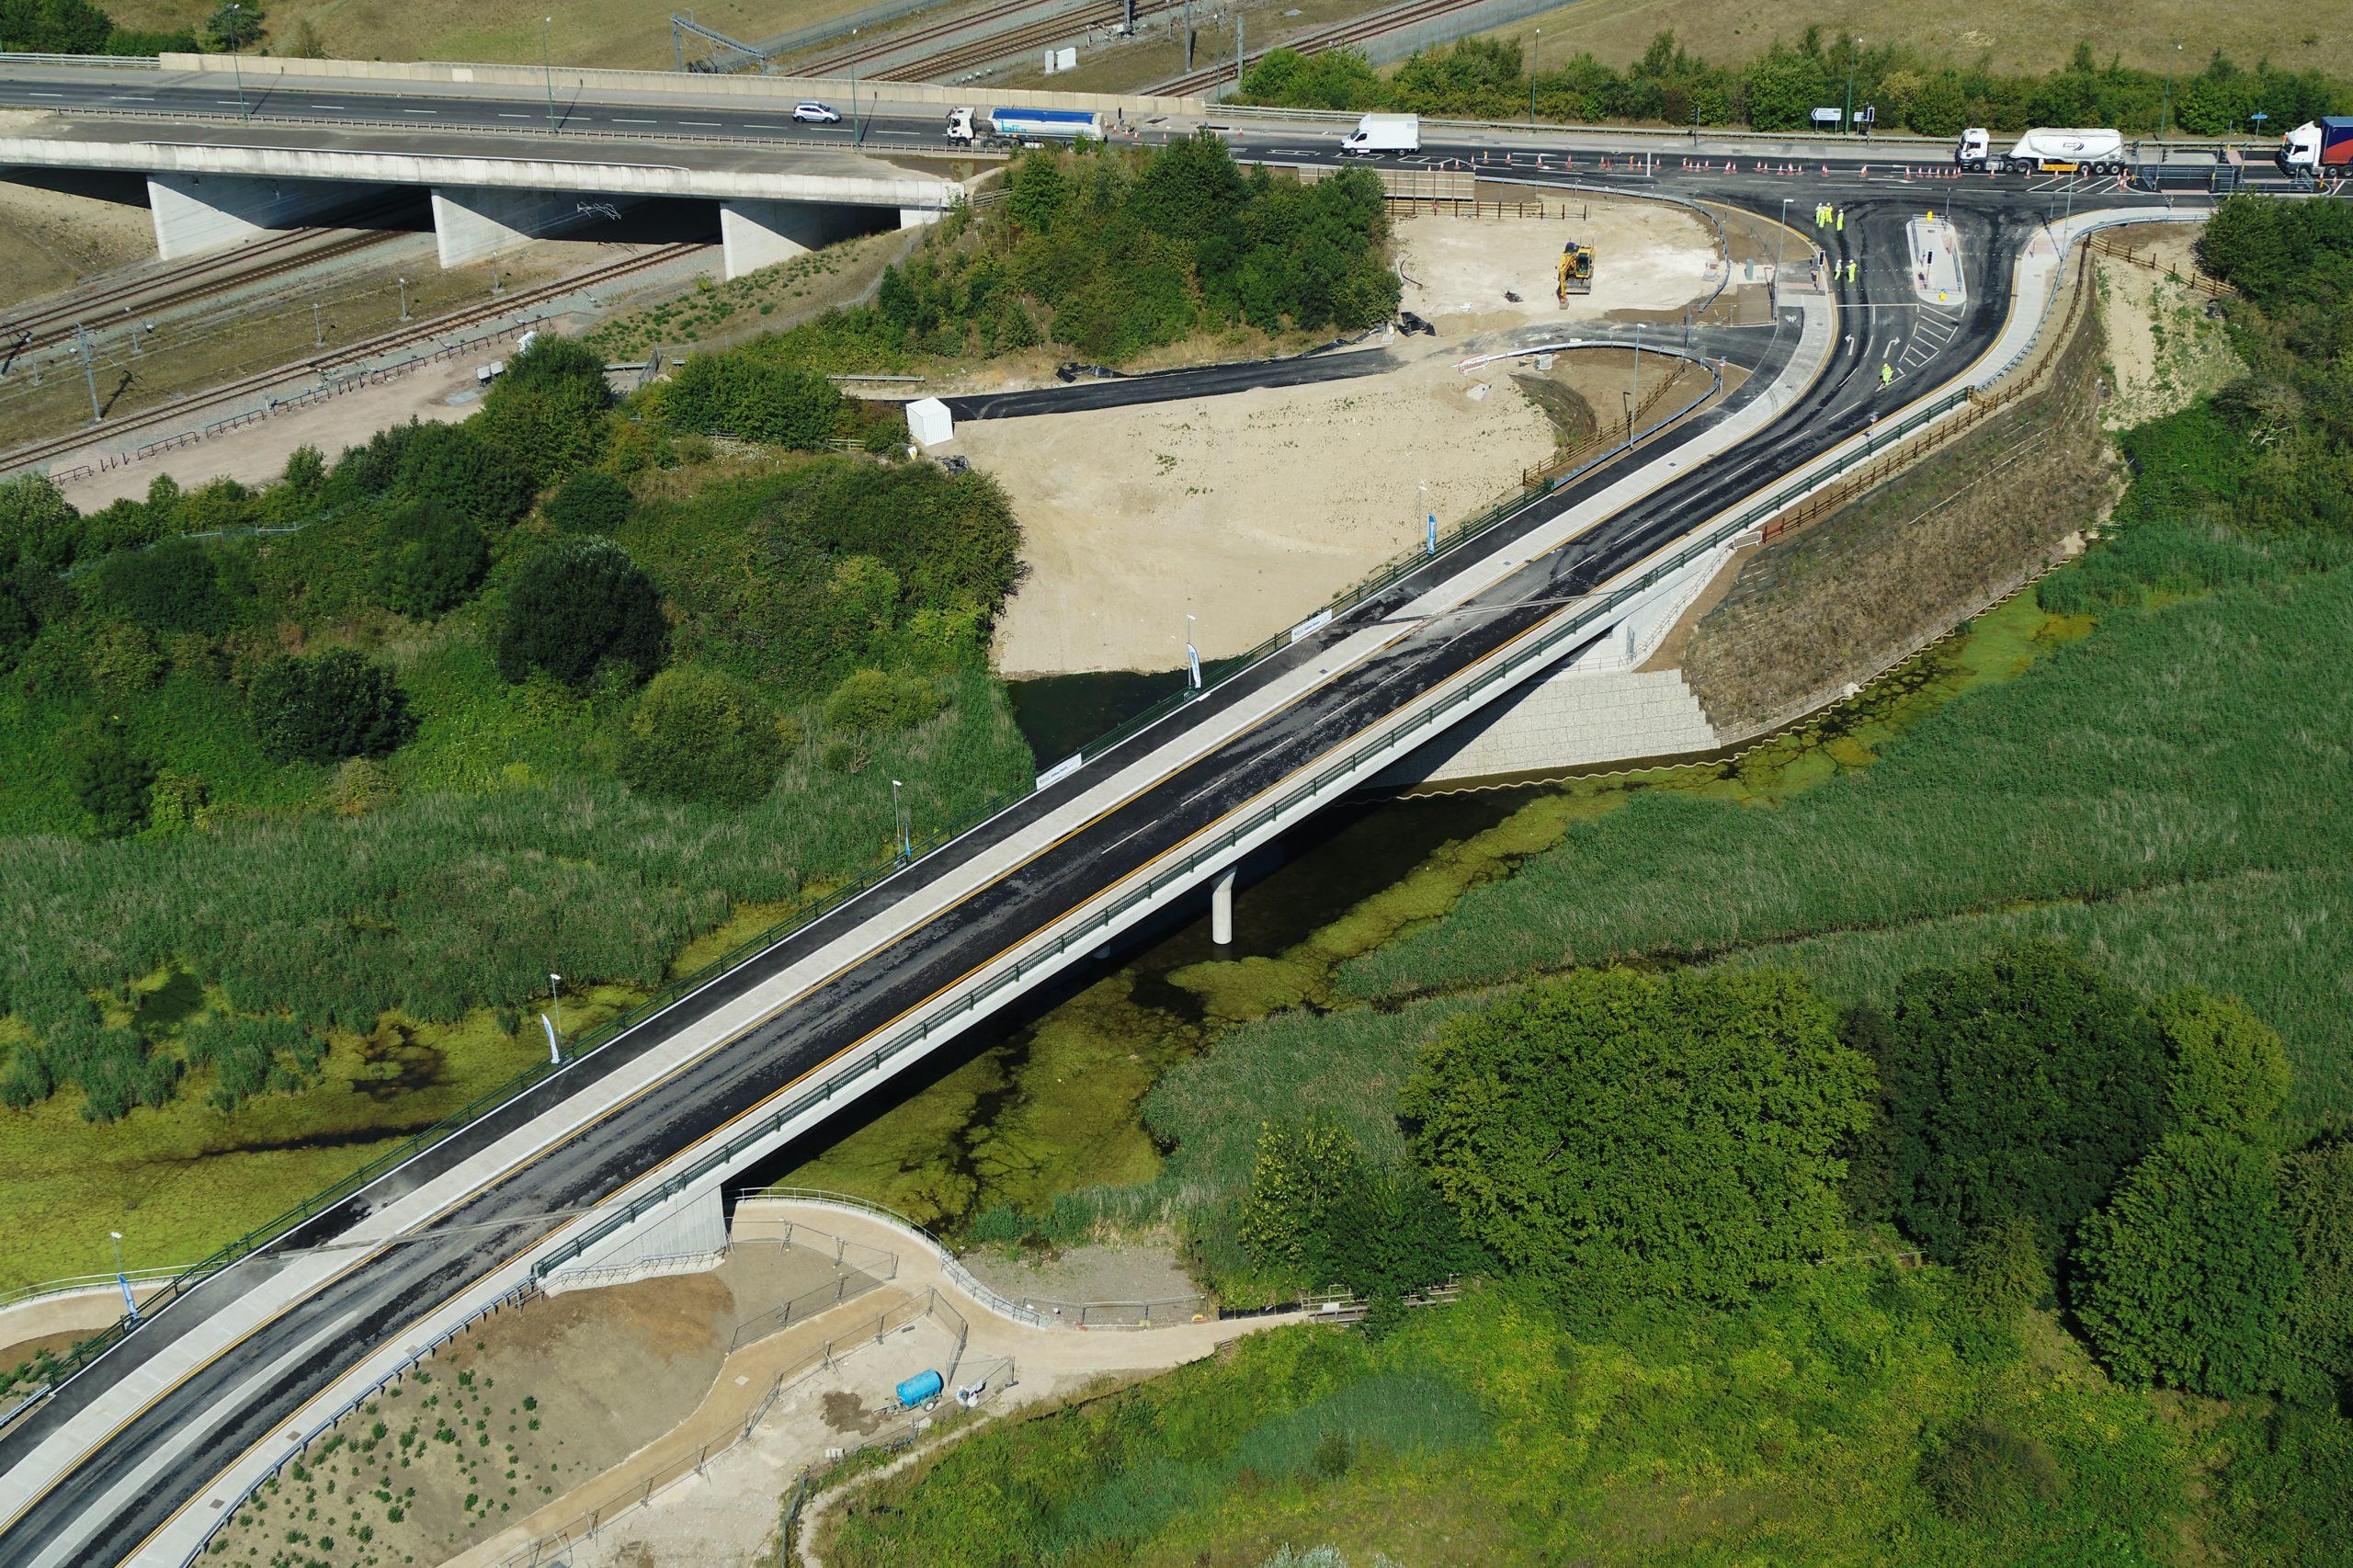 Springhead Bridge aerial view of crossing